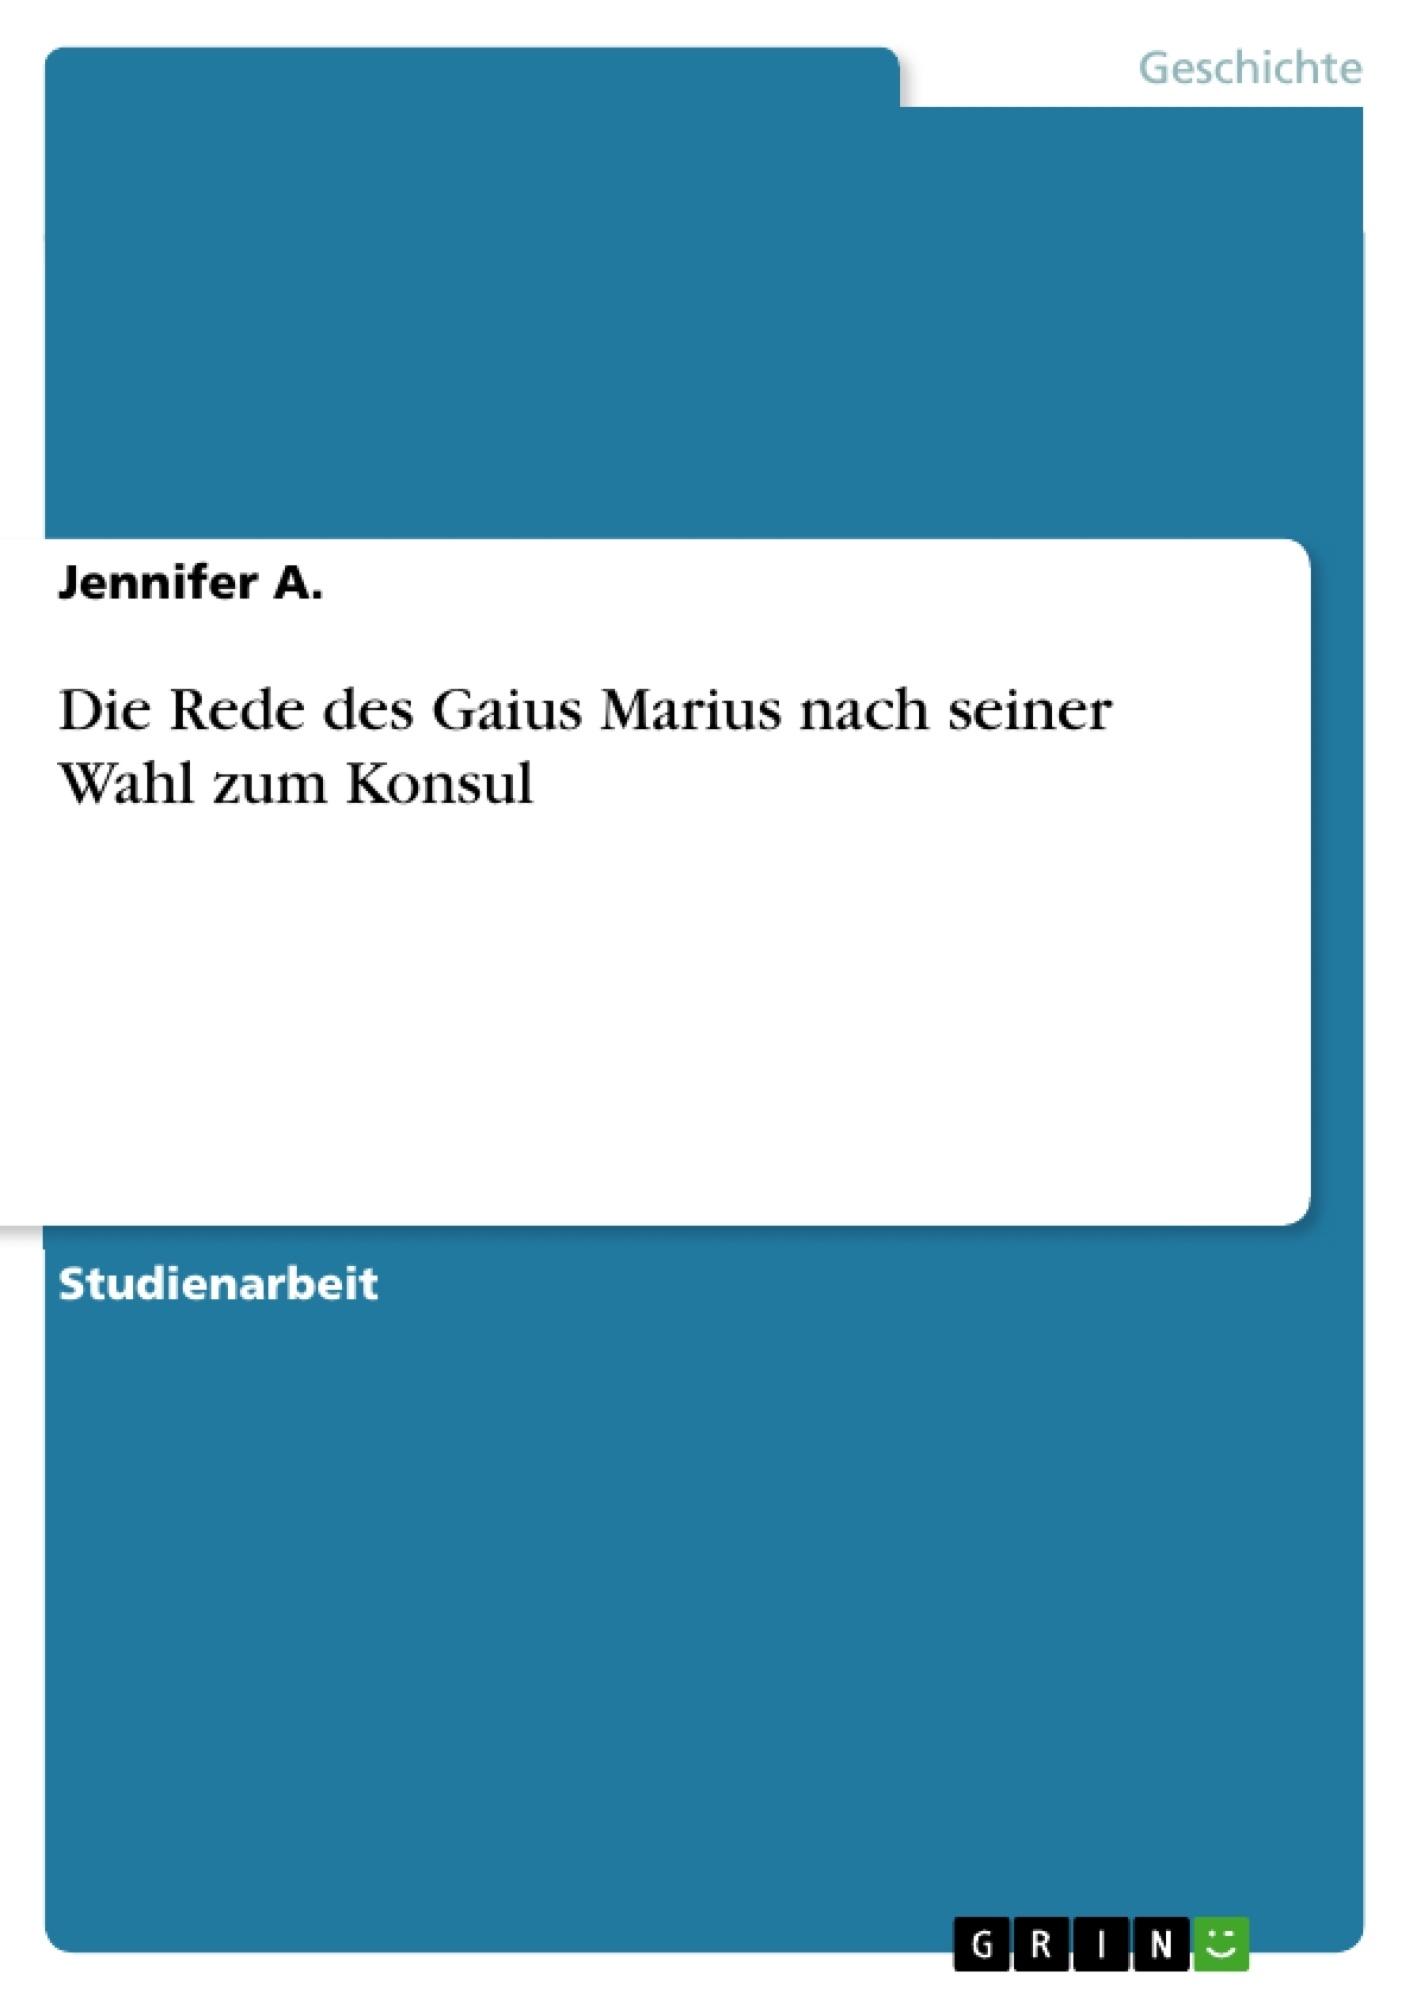 Titel: Die Rede des Gaius Marius nach seiner Wahl zum Konsul